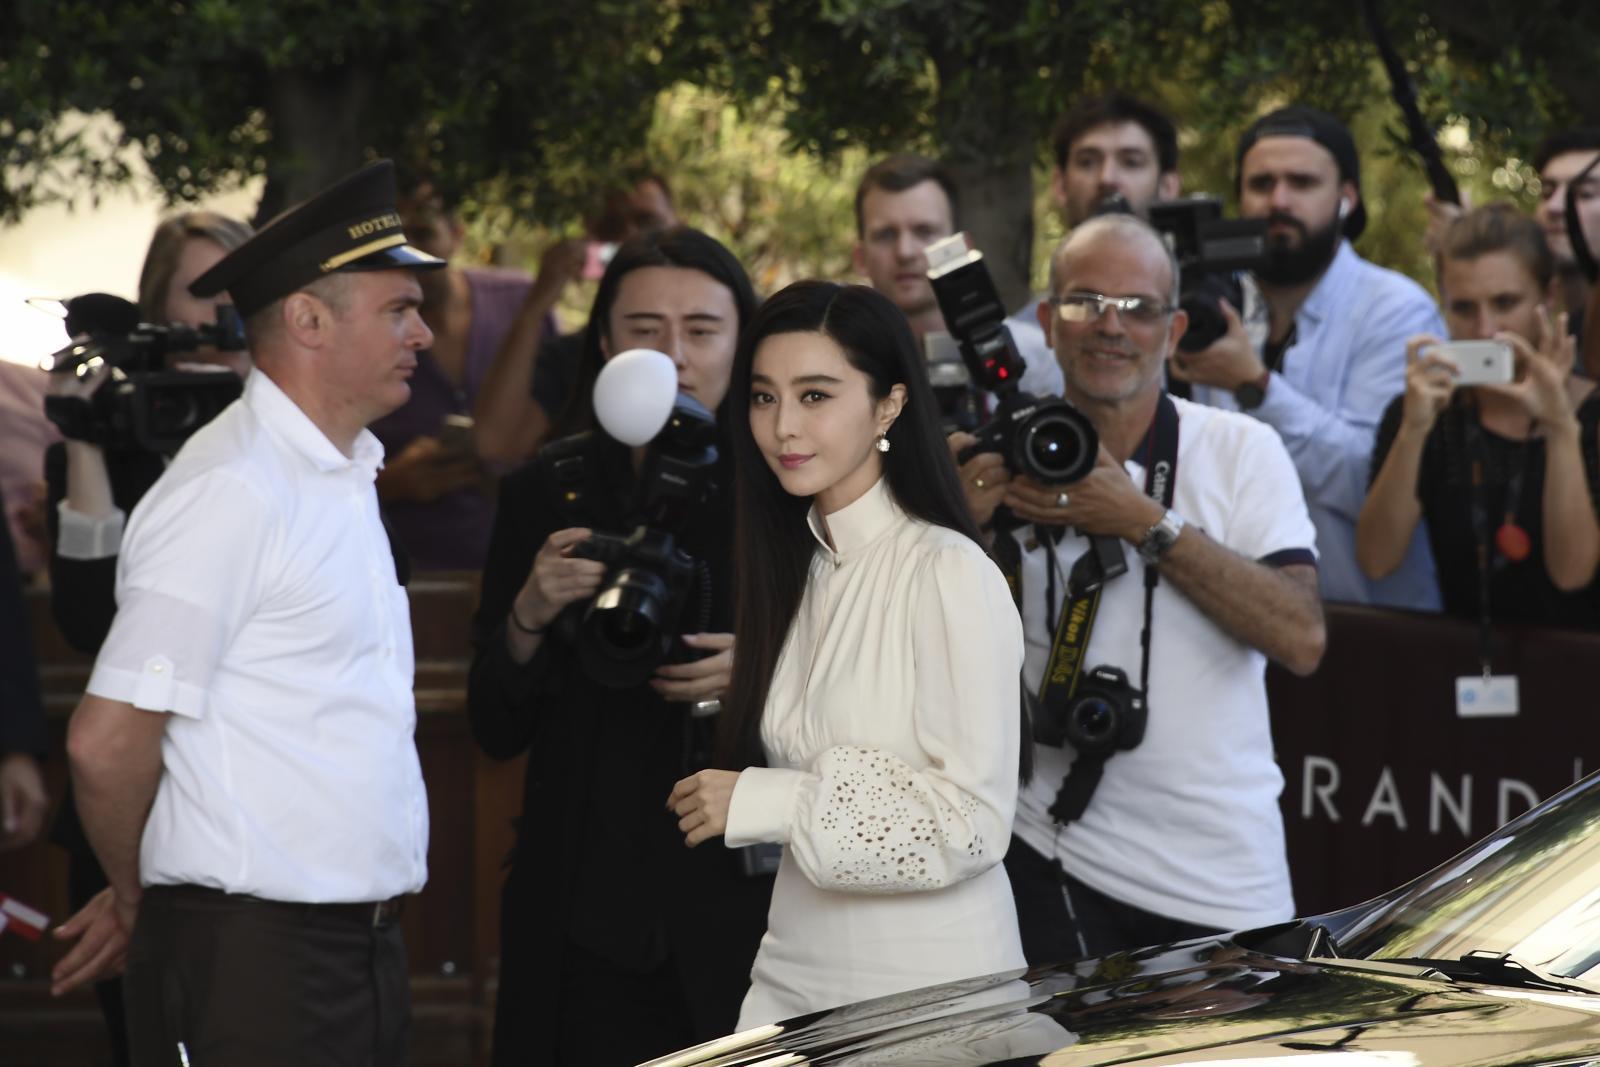 ชำแหละ สัญญา 'หยิน-หยาง' ต้นตอทางการจีนคุมตัว 'ฟ่าน ปิงปิง'